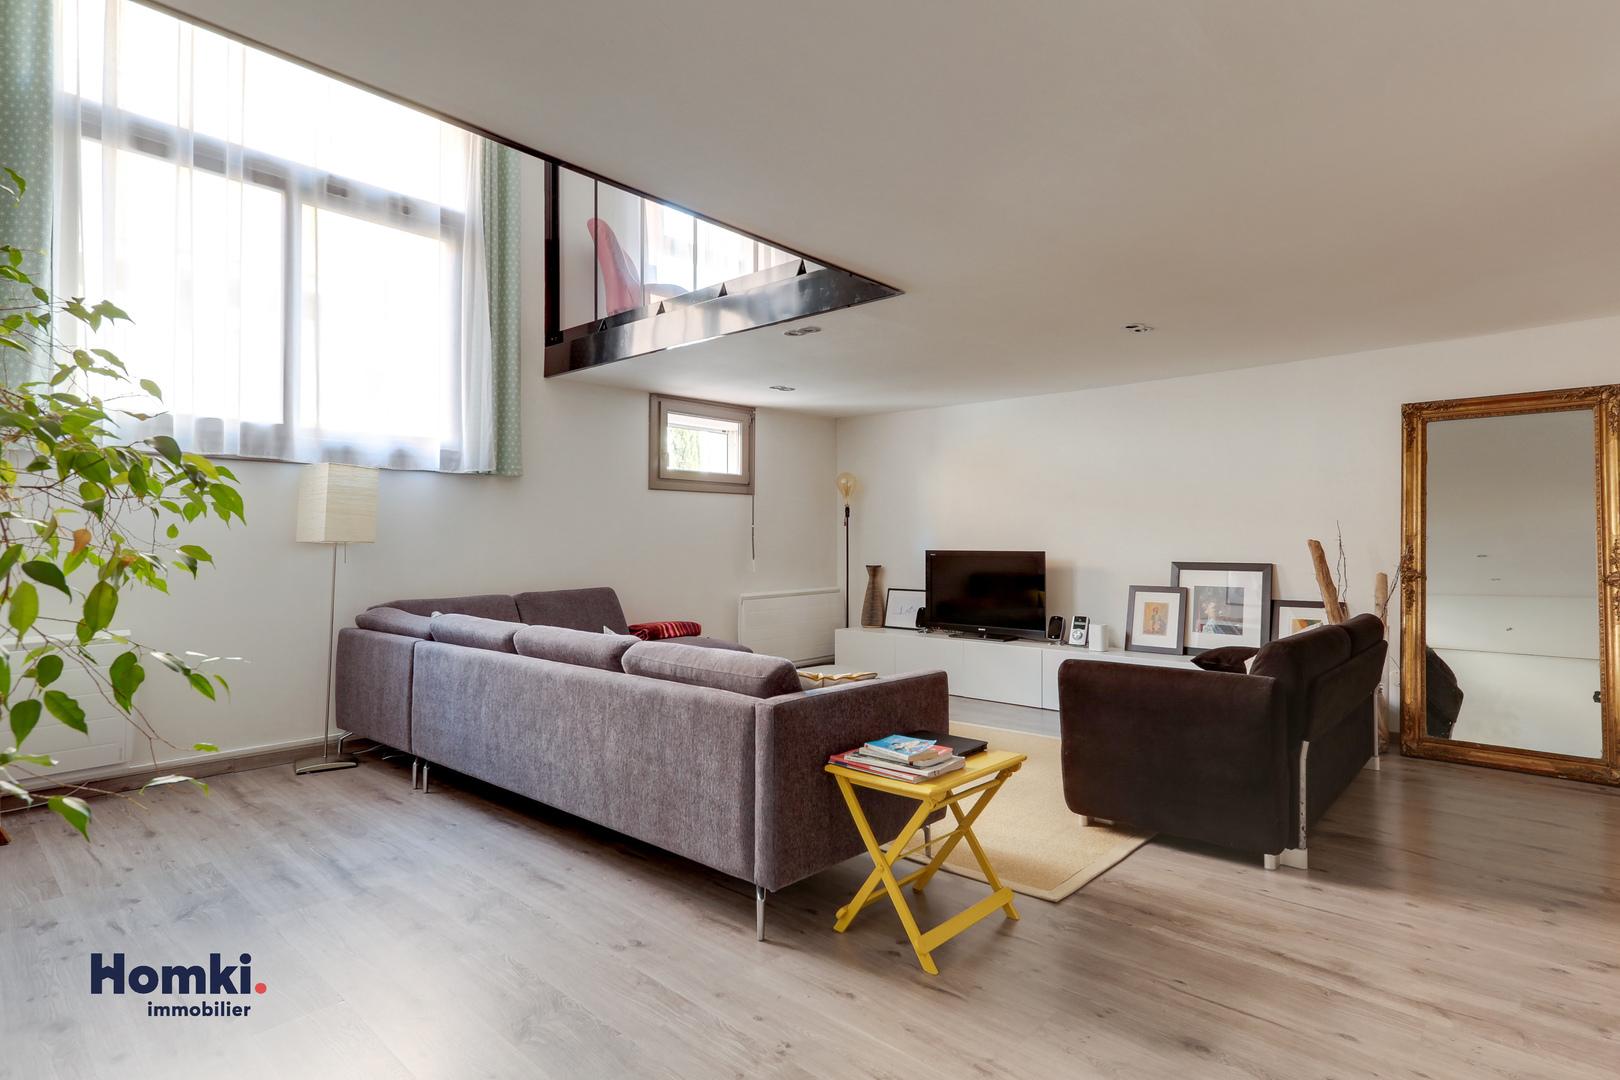 Vente appartement 115m² T3 69100_2